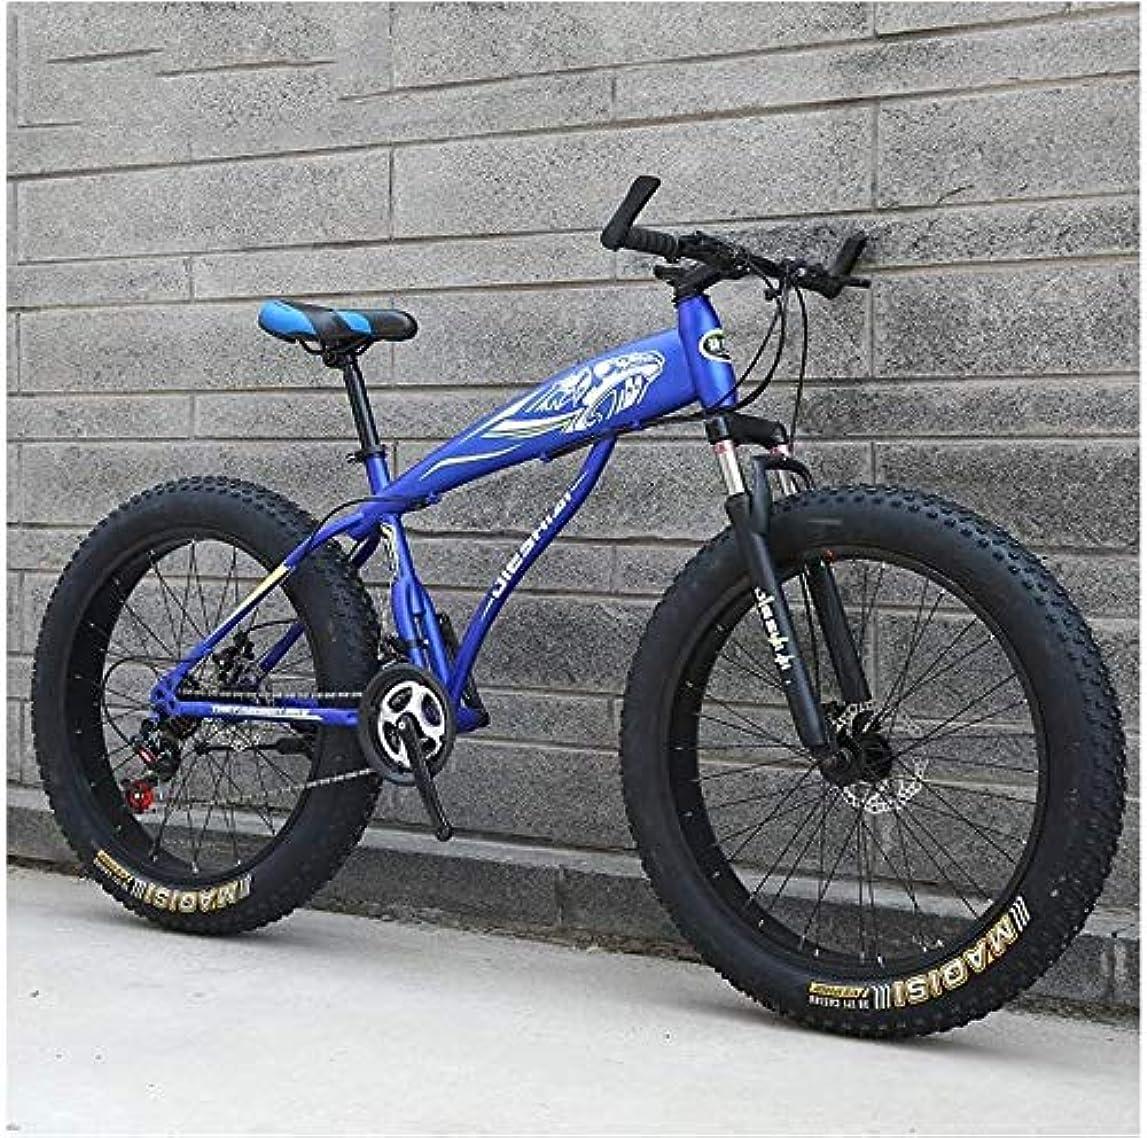 容器ヶ月目ビット健康の旅、大人のマウンテンバイク、男の子女の子ファットタイヤマウンテントレイルバイク、高炭素鋼フレーム、デュアルディスクブレーキハードテイルマウンテンバイク、旅行の利便性 (Color : Blue D, Size : 24 Inch 27 Speed)